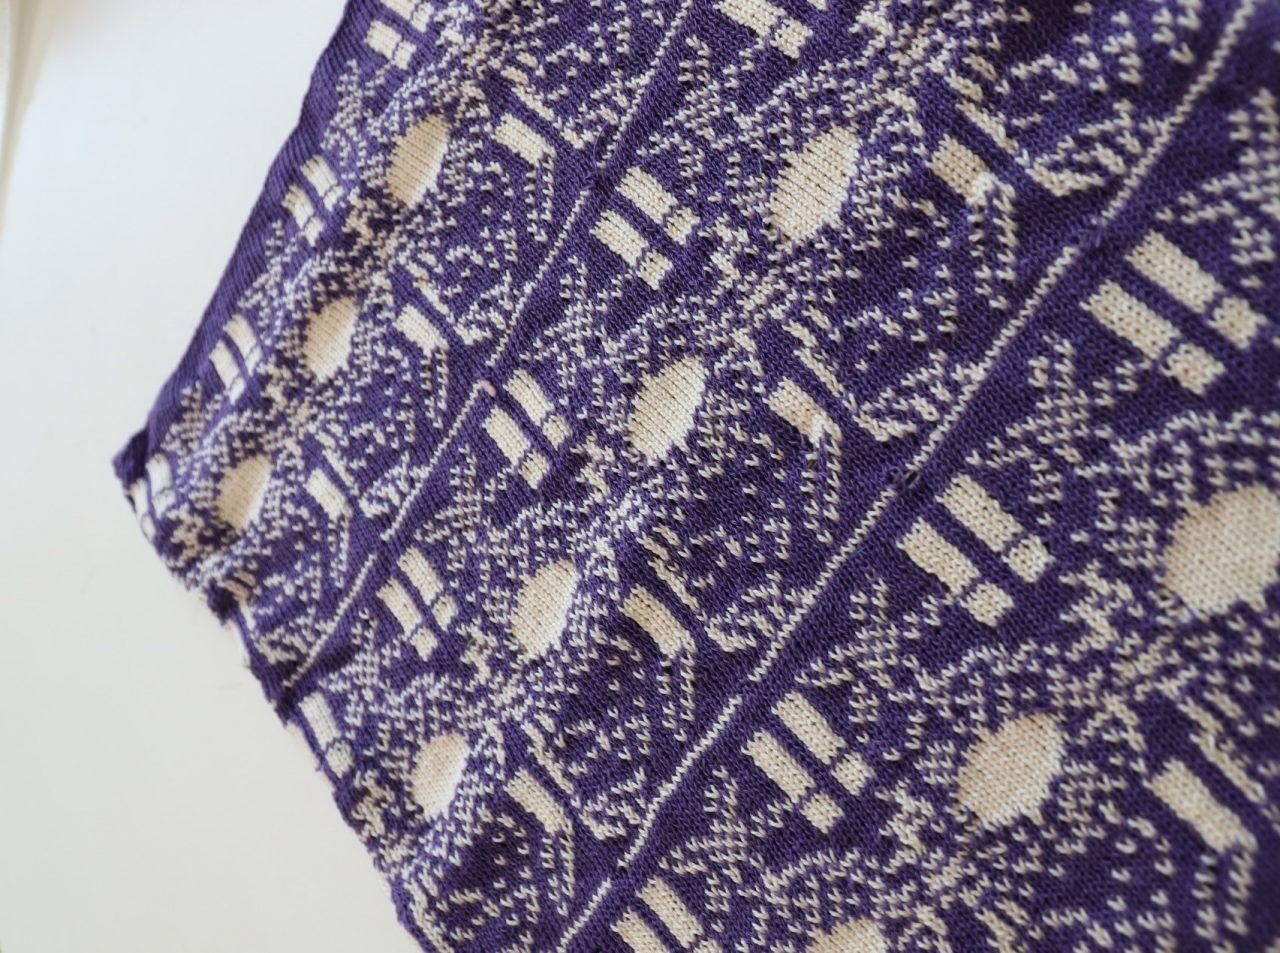 Fairisle knit